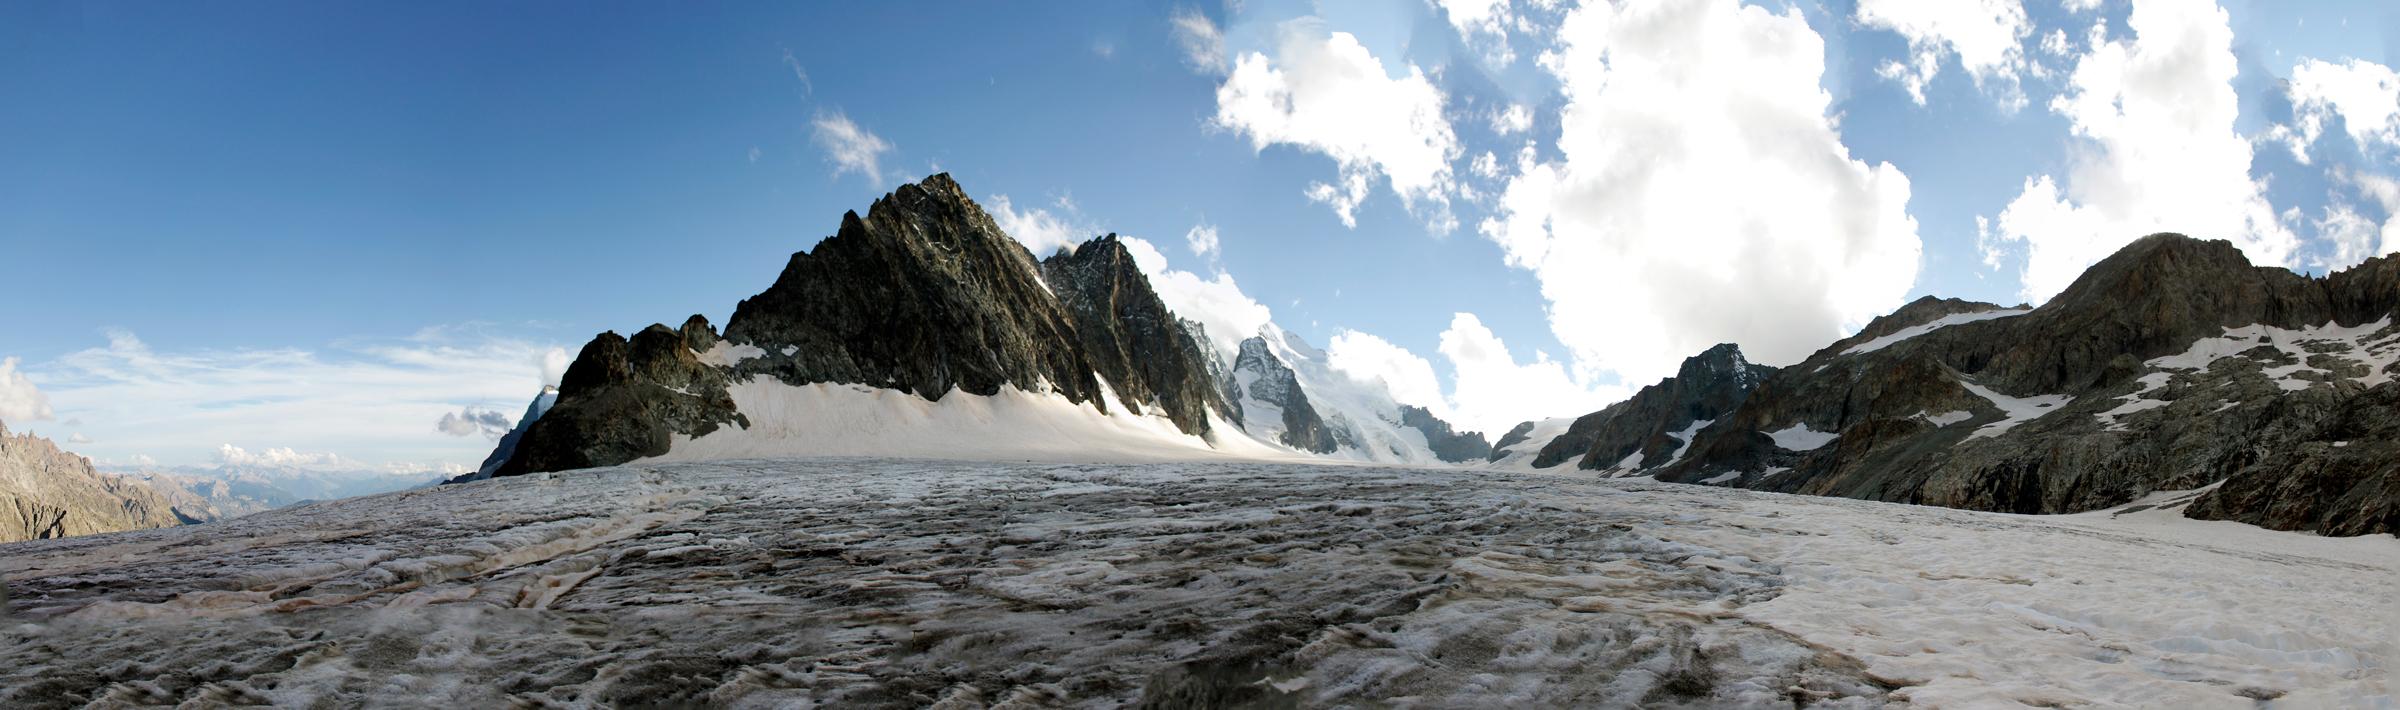 N-000001 Glacier Blanc 1 - Ecrins